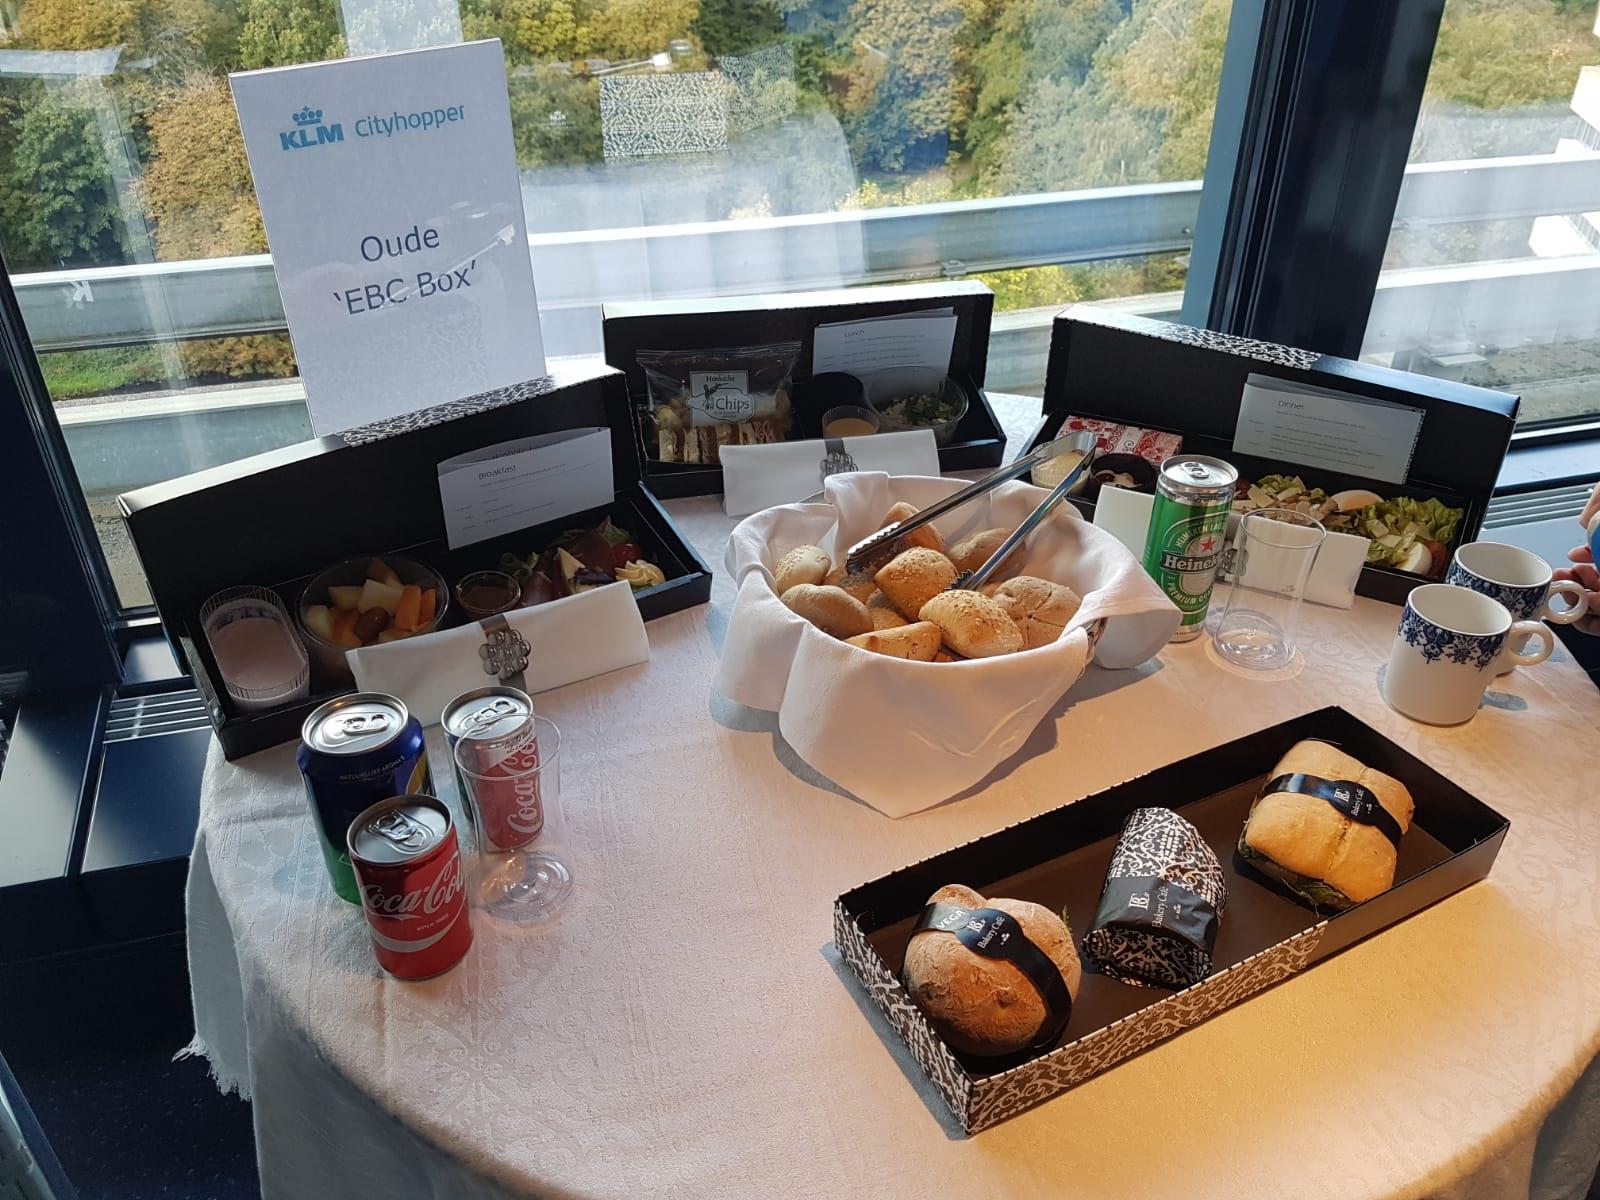 Nieuwe maaltijdbox KLM Cityhopper Business Class